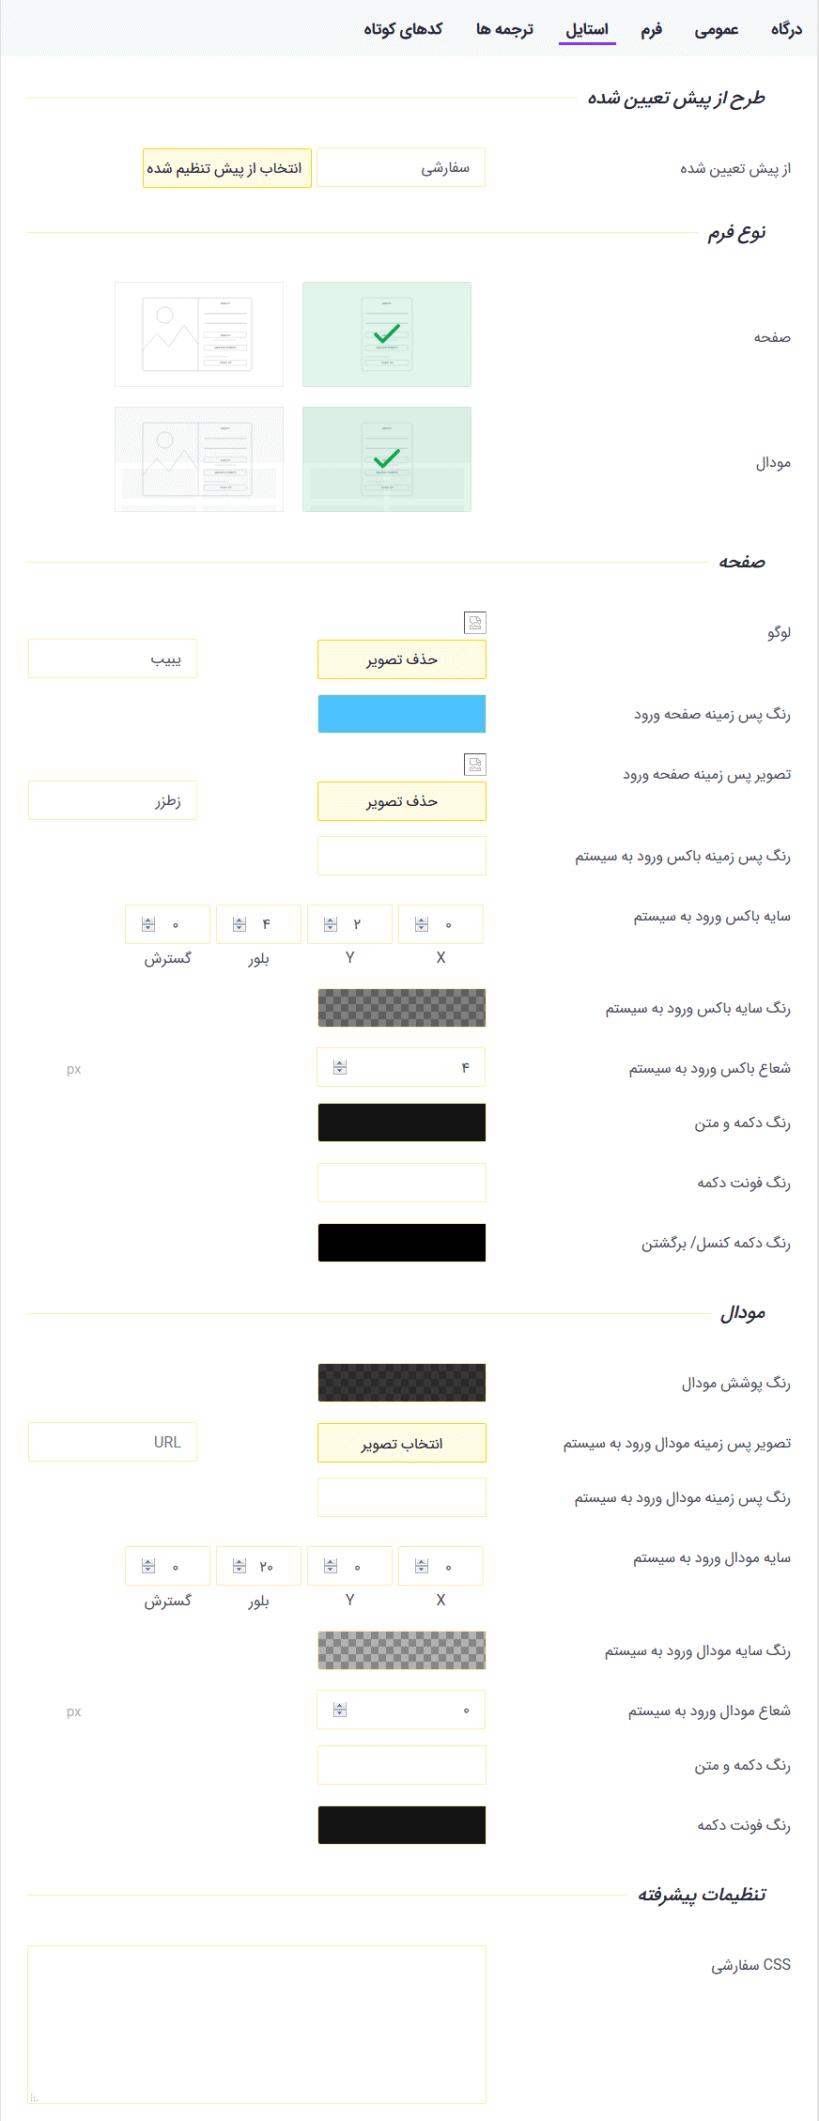 تنظیمات استایل افزونه ورود و ثبت نام با شماره موبایل